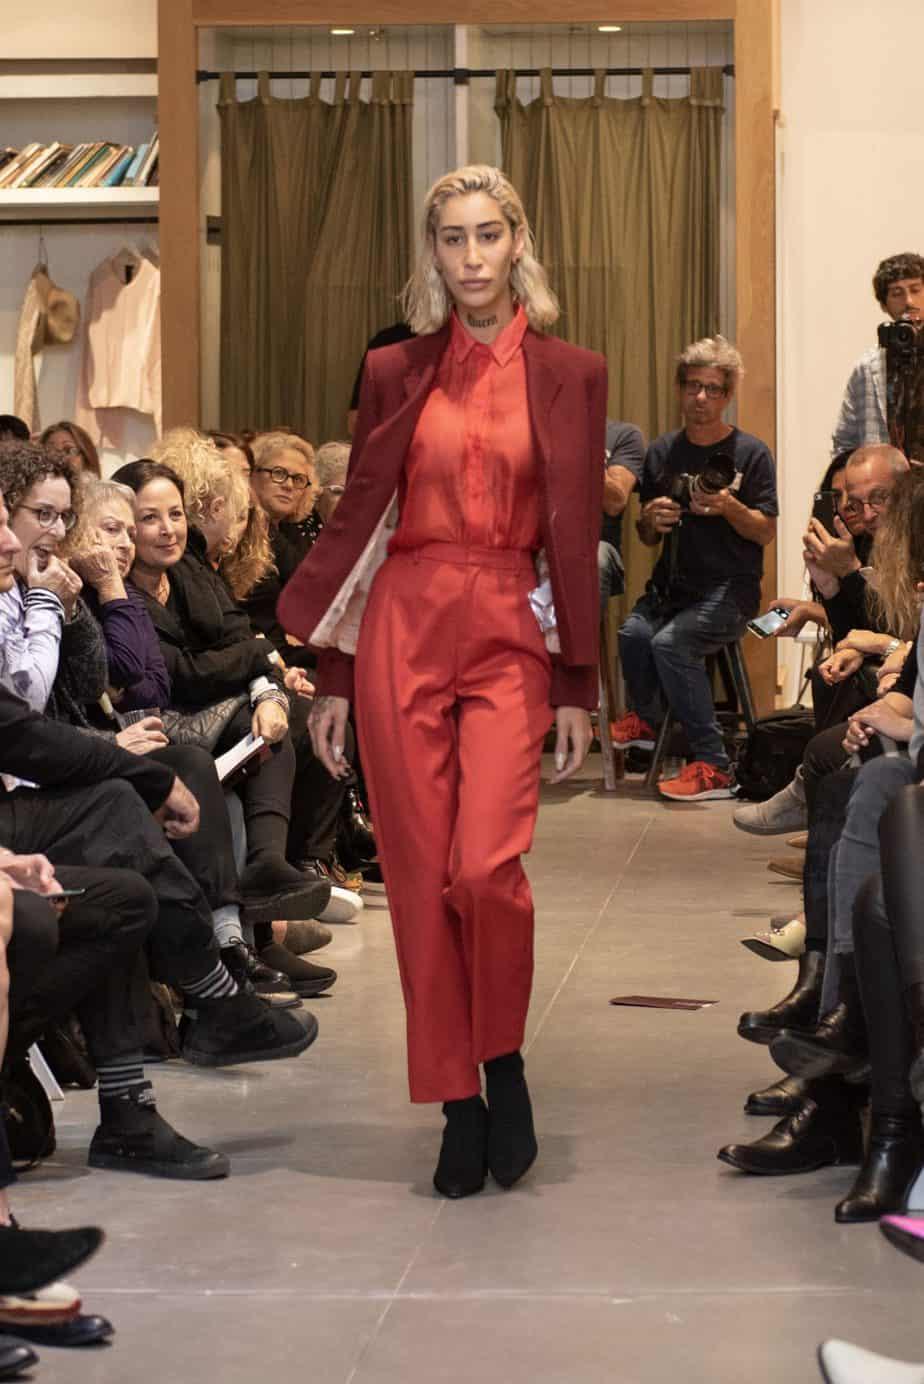 קום איל פו. תצוגת אופנה סתיו חורף 208-19. צילום: יניב לוי -8